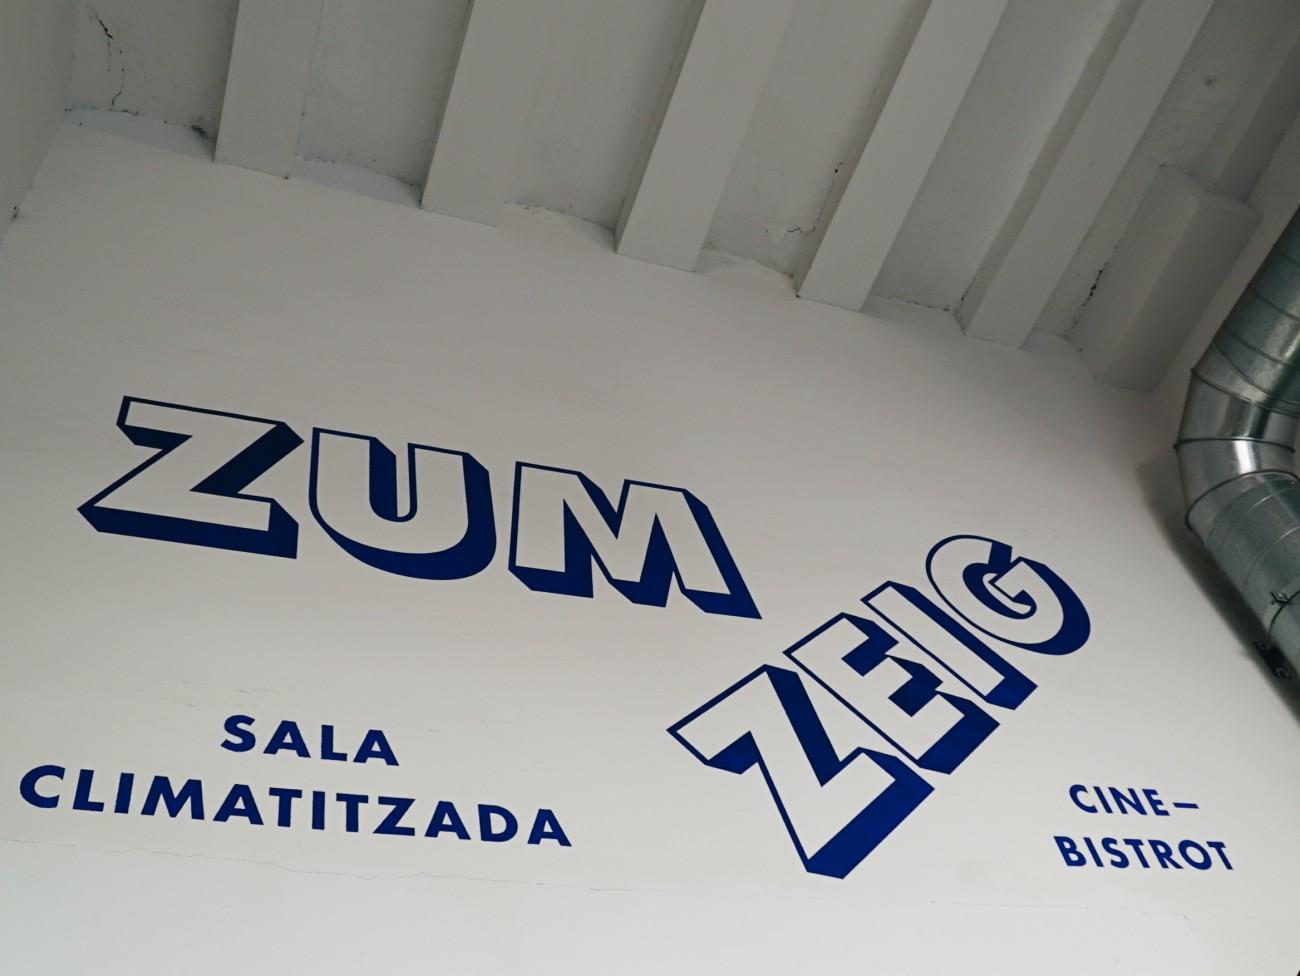 En fin d'après-midi, nous nous dirigeons au Zumzeig, un cinéma qui propose une programmation peu commune de films « inclassables », qui ne trouvent souvent aucun distributeur en Espagne.